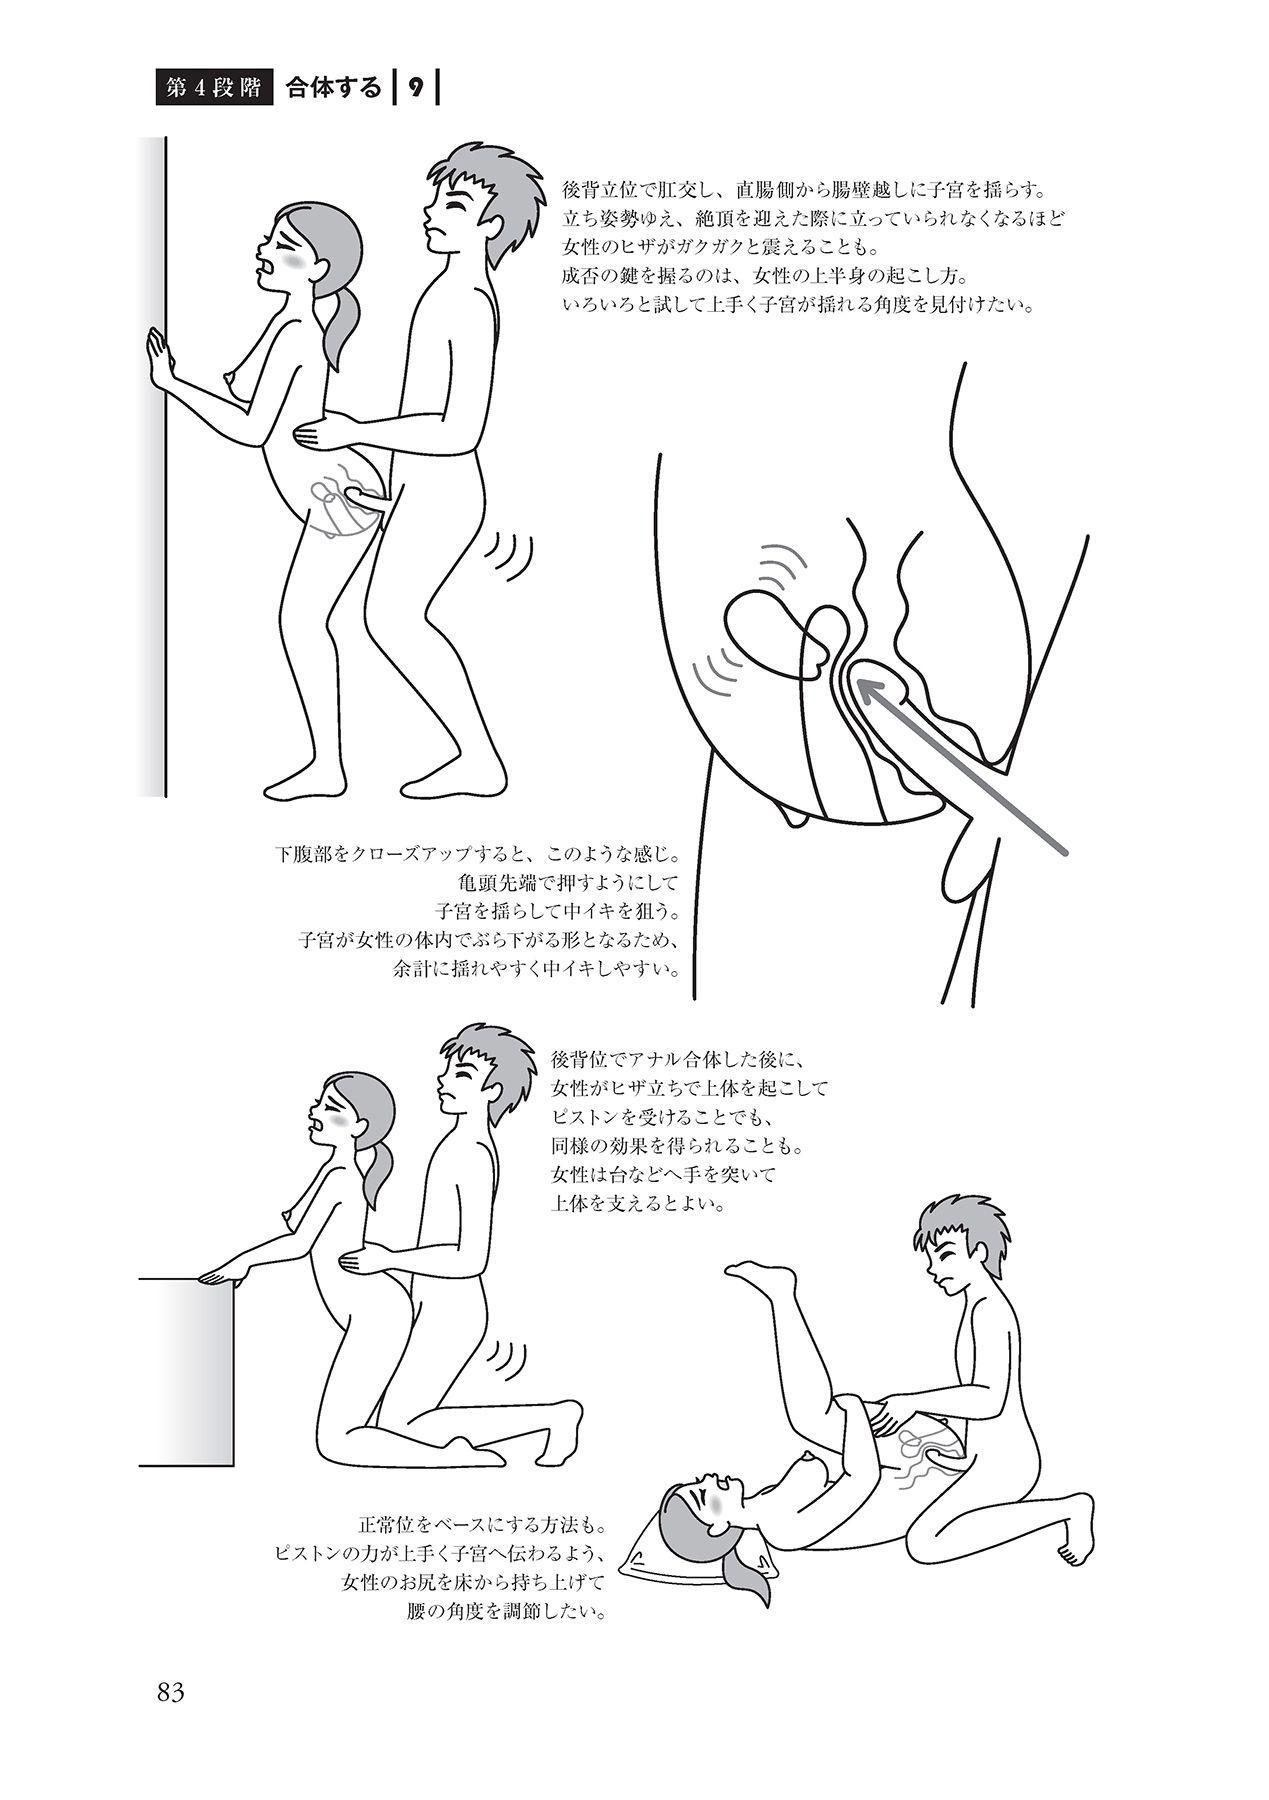 アナル性感開発・お尻エッチ 完全マニュアル 84